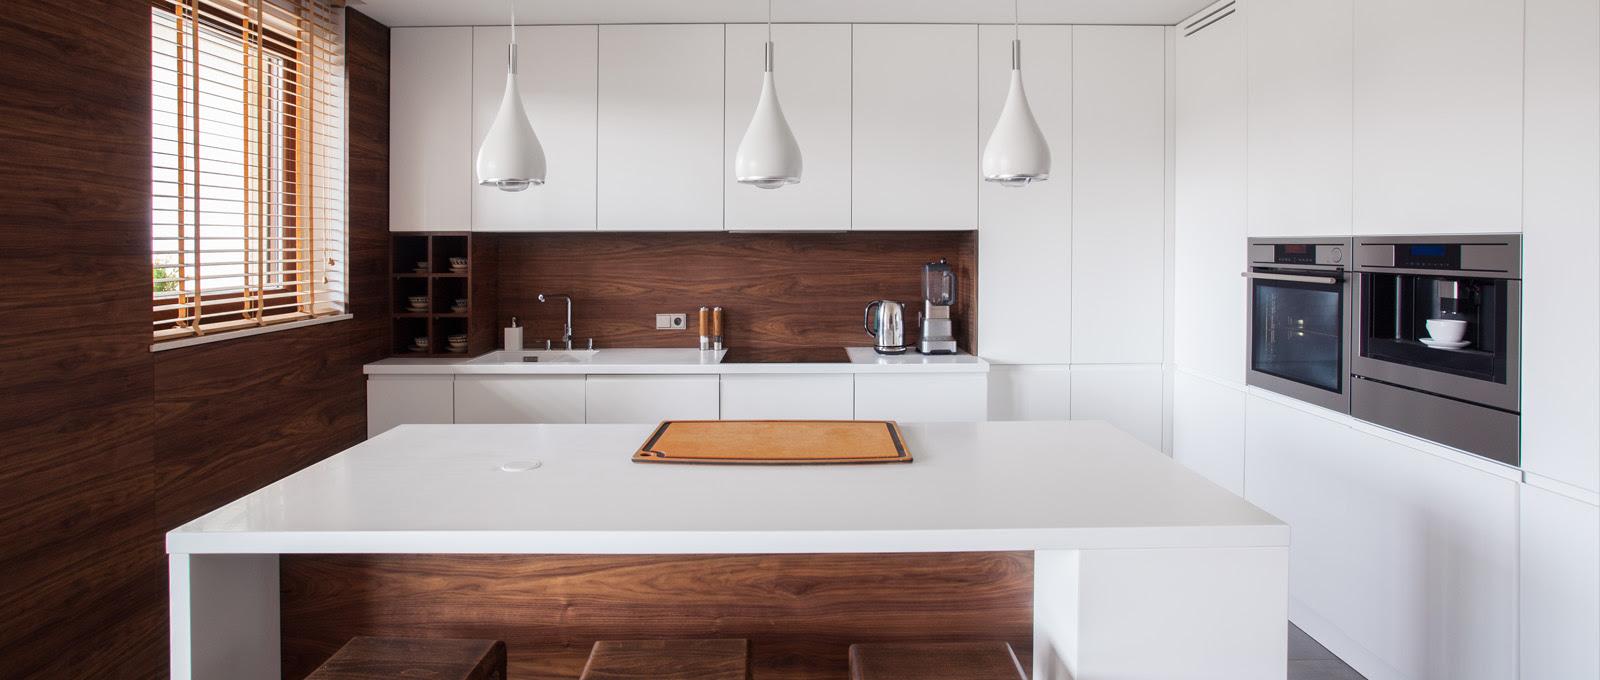 Kitchen cabinets | Best kitchen designs | Design your own ...